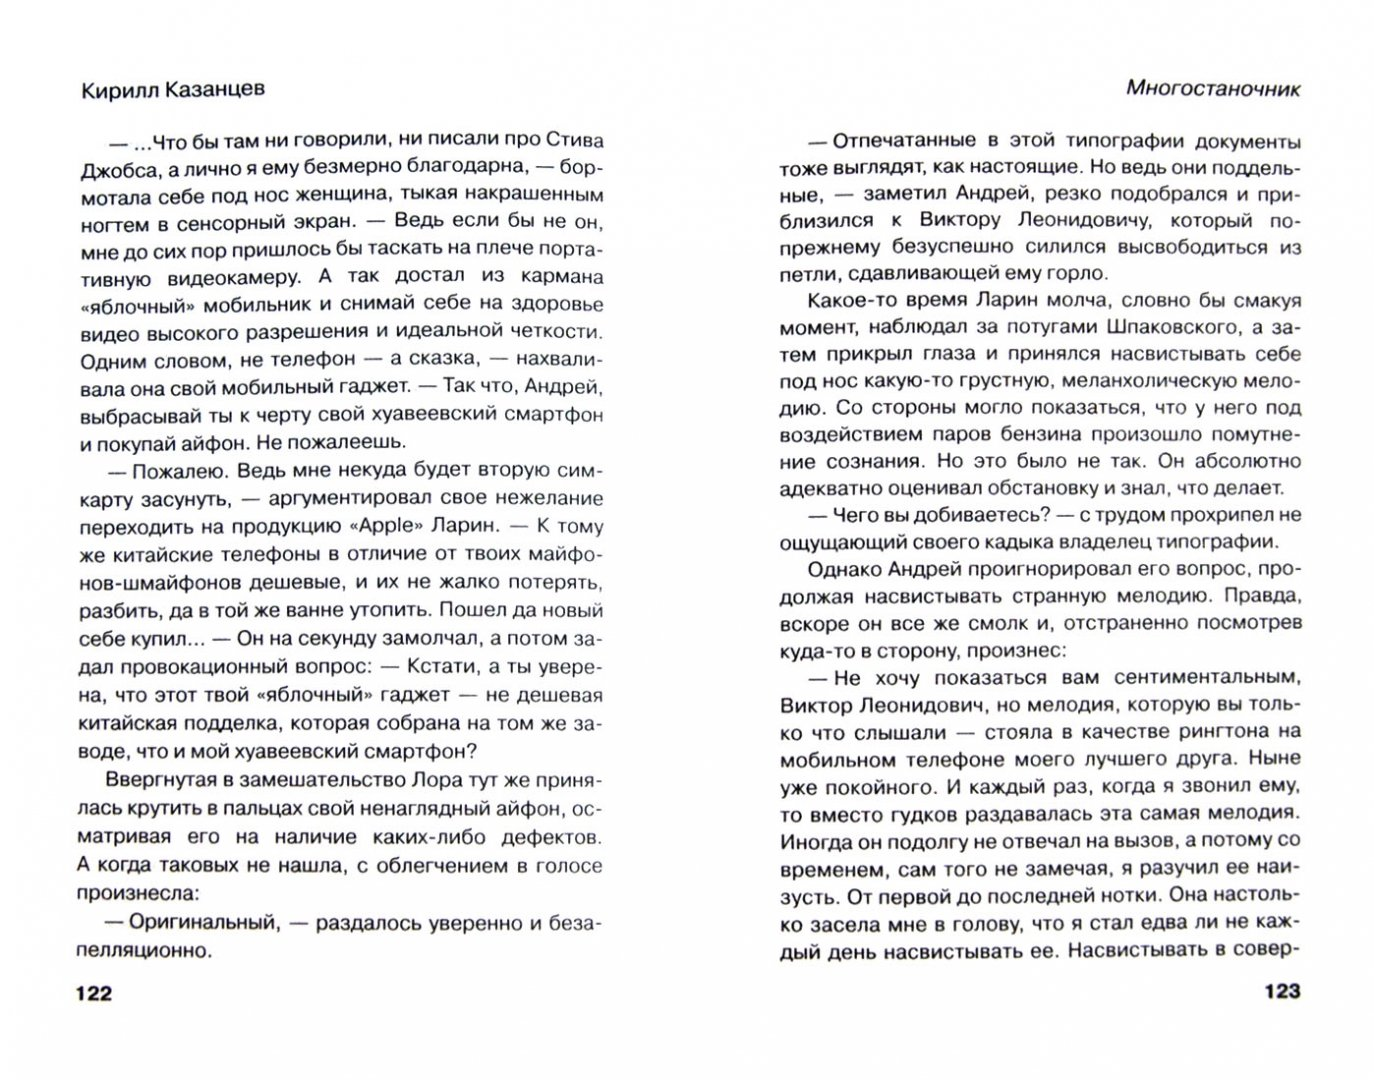 Иллюстрация 1 из 10 для Многостаночник - Кирилл Казанцев | Лабиринт - книги. Источник: Лабиринт